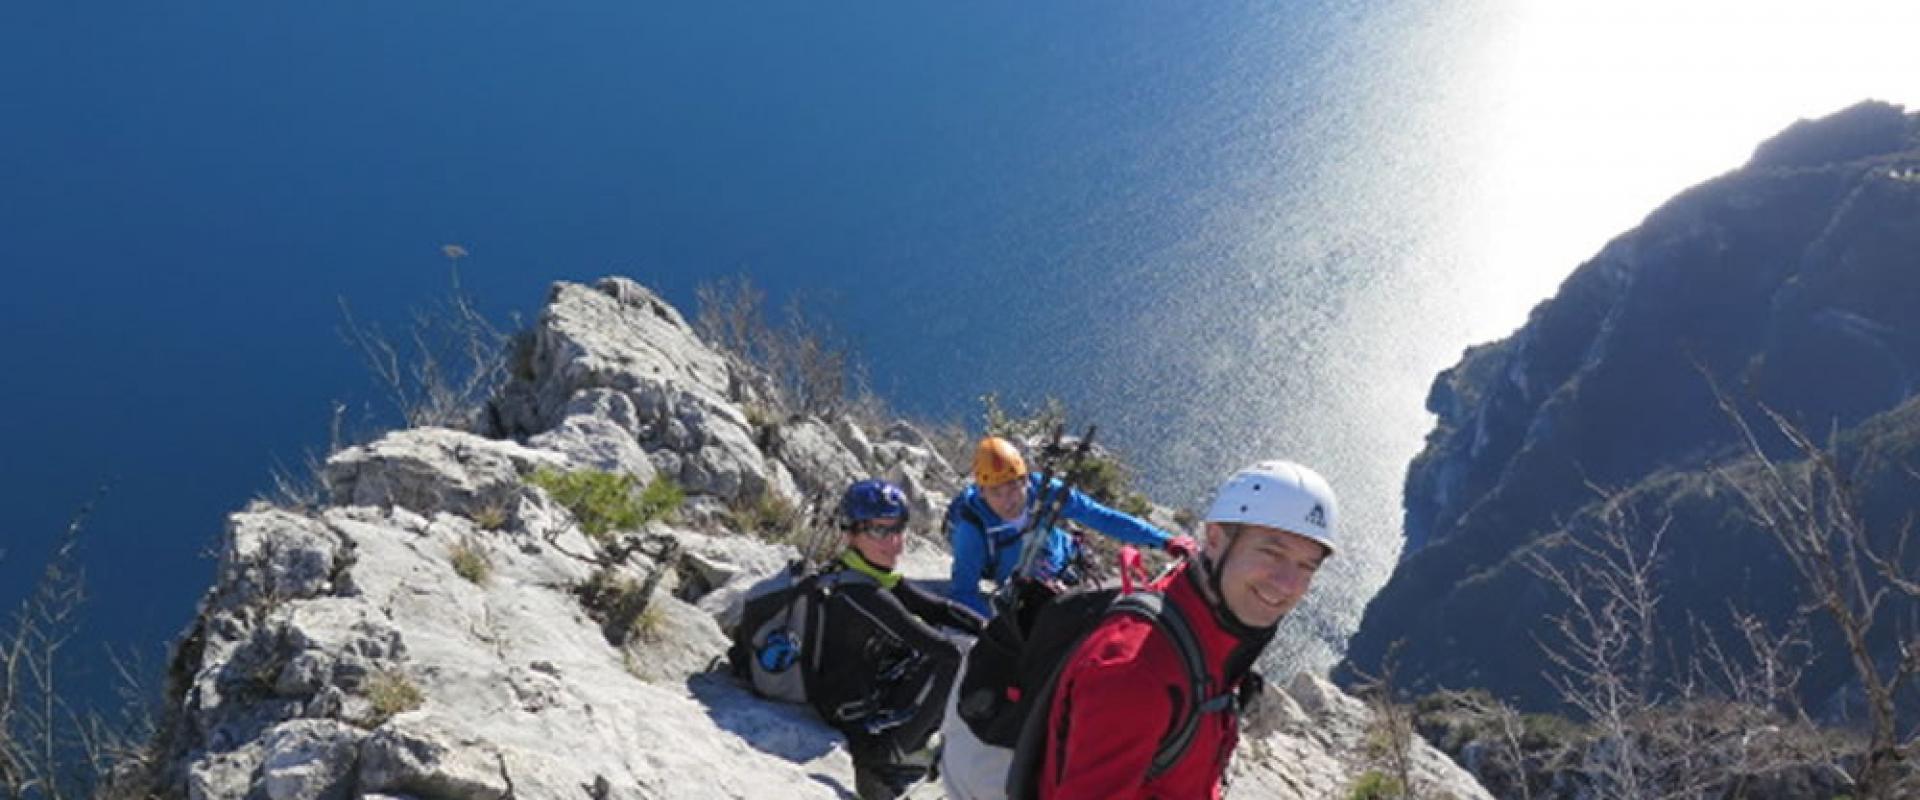 Trekking on Garda